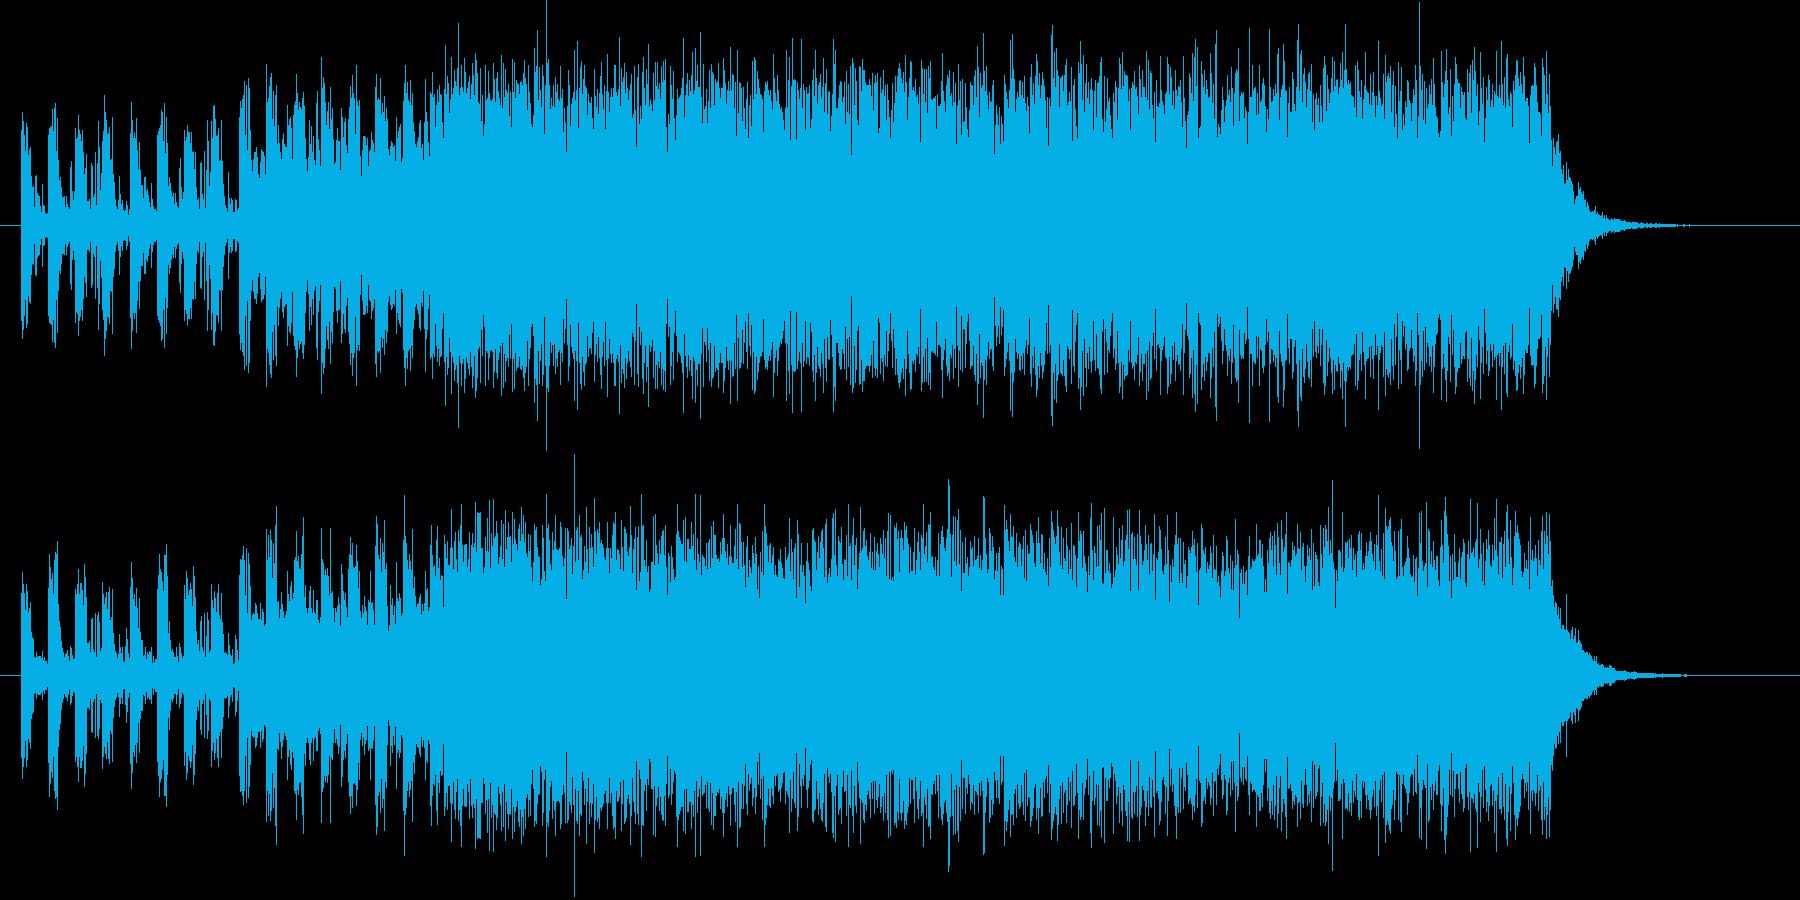 アップテンポなシンセサイザーの再生済みの波形